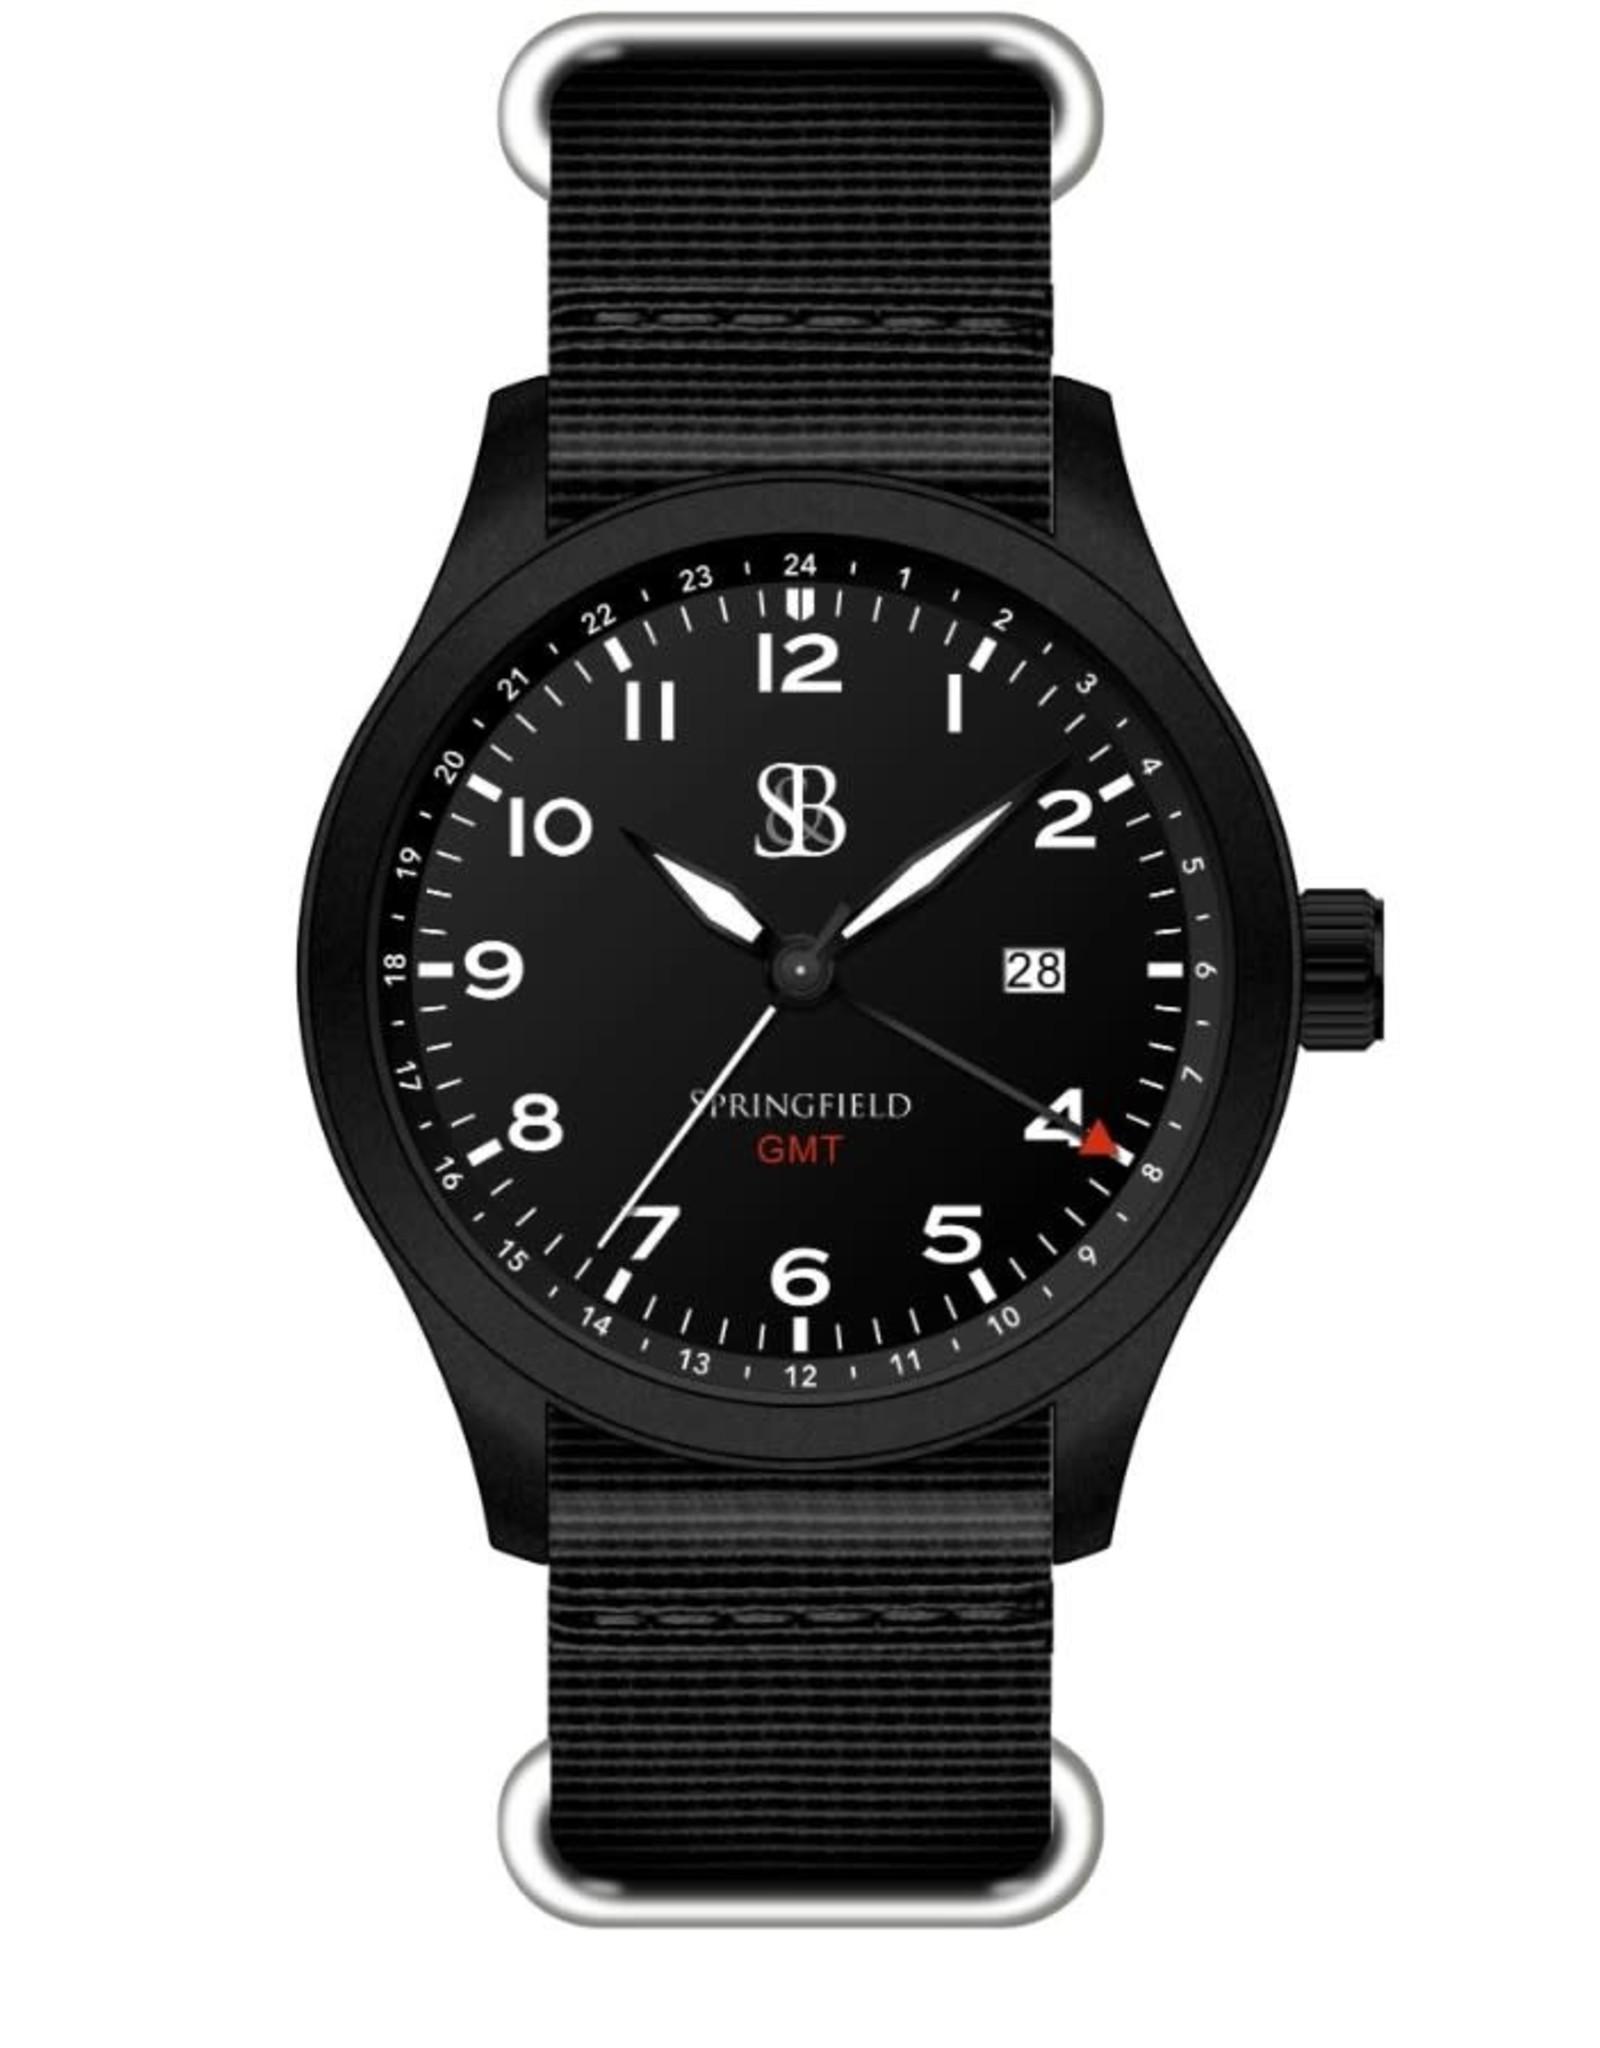 Smith & Bradley Springfield GMT - All Black